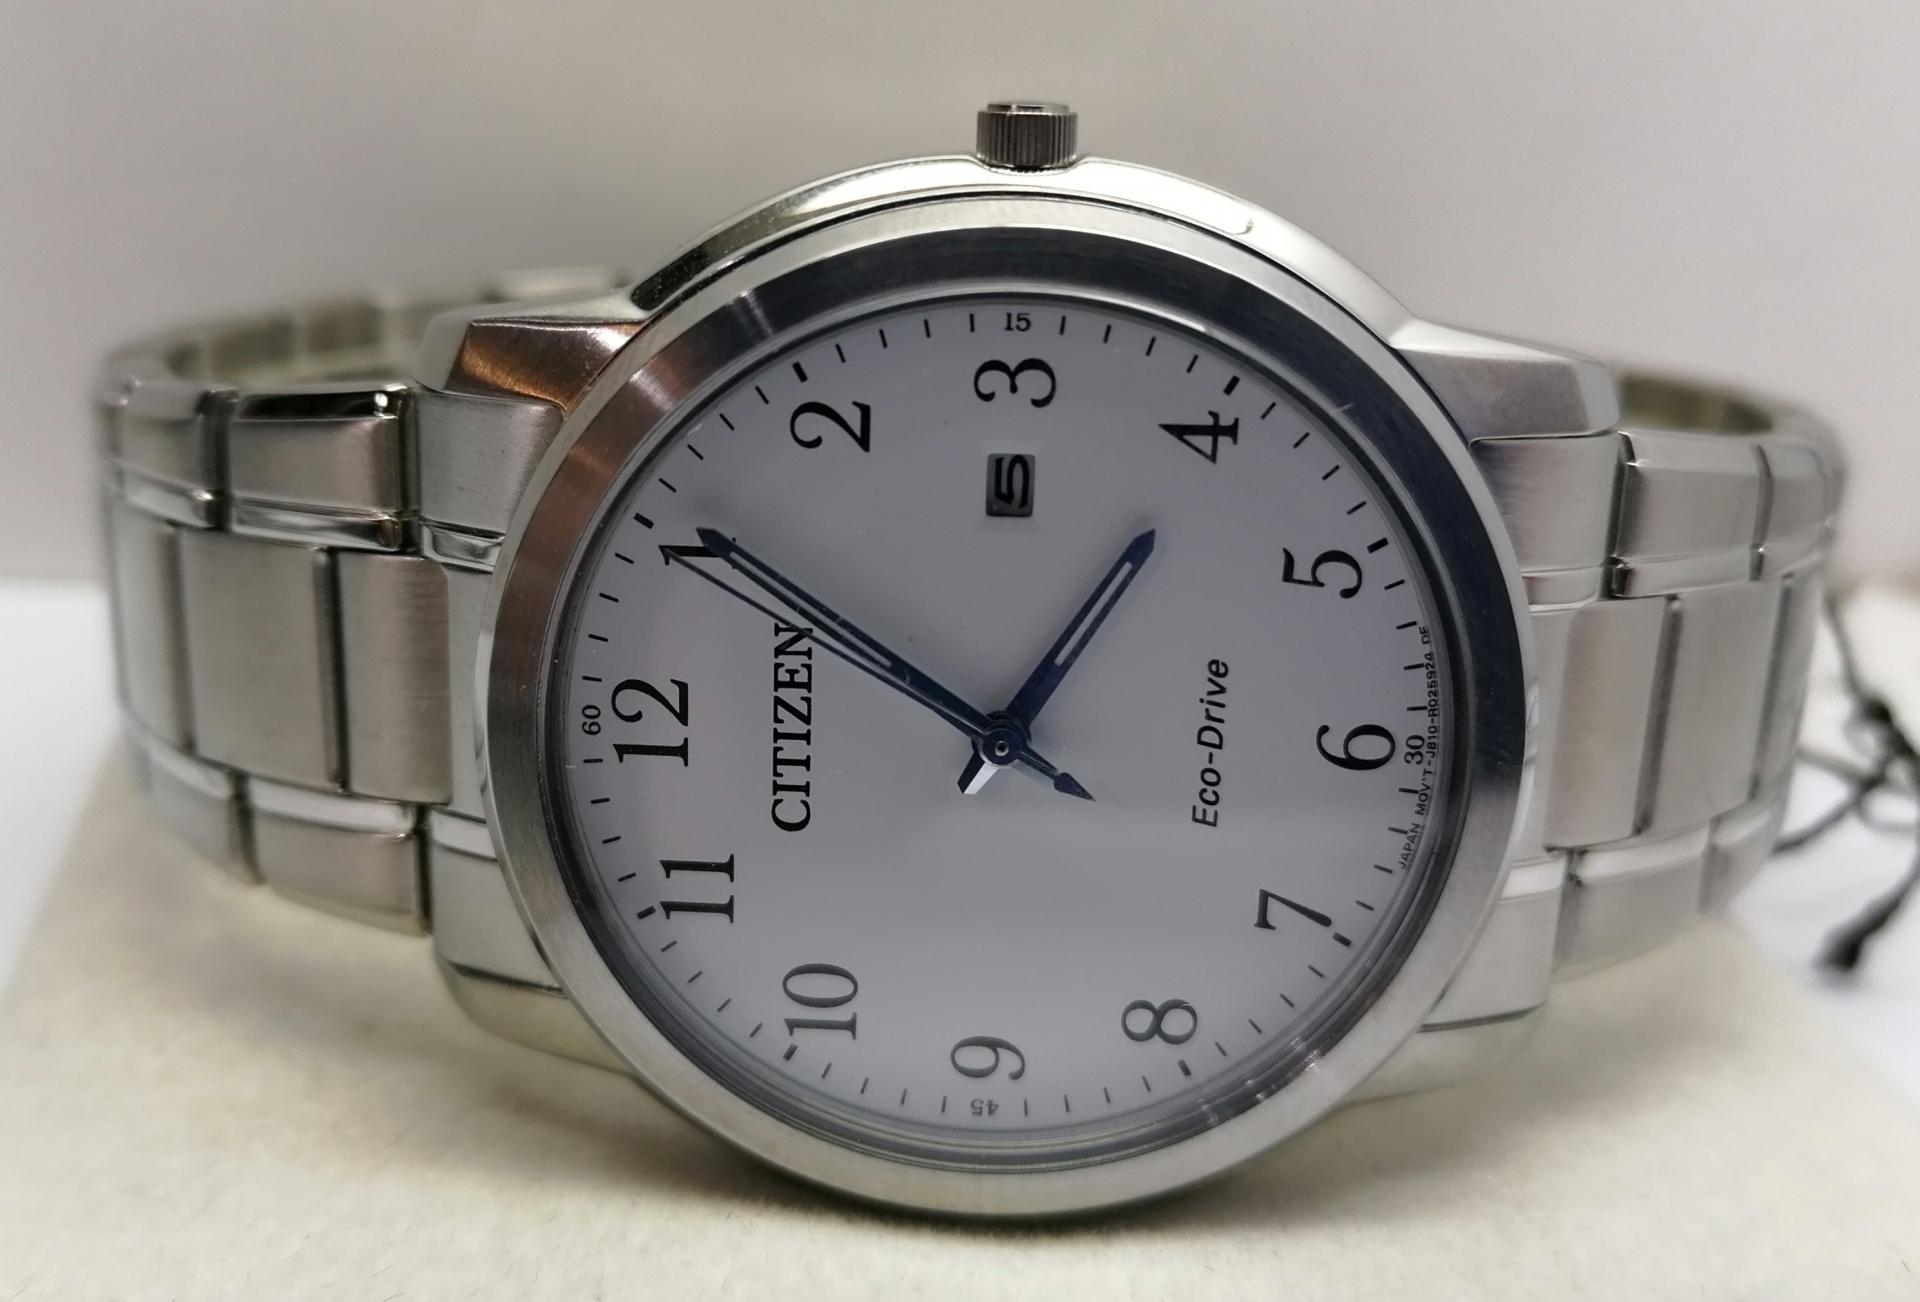 Reloj Citizen Clasico AW1211-80A Con Movimiento Eco Drive